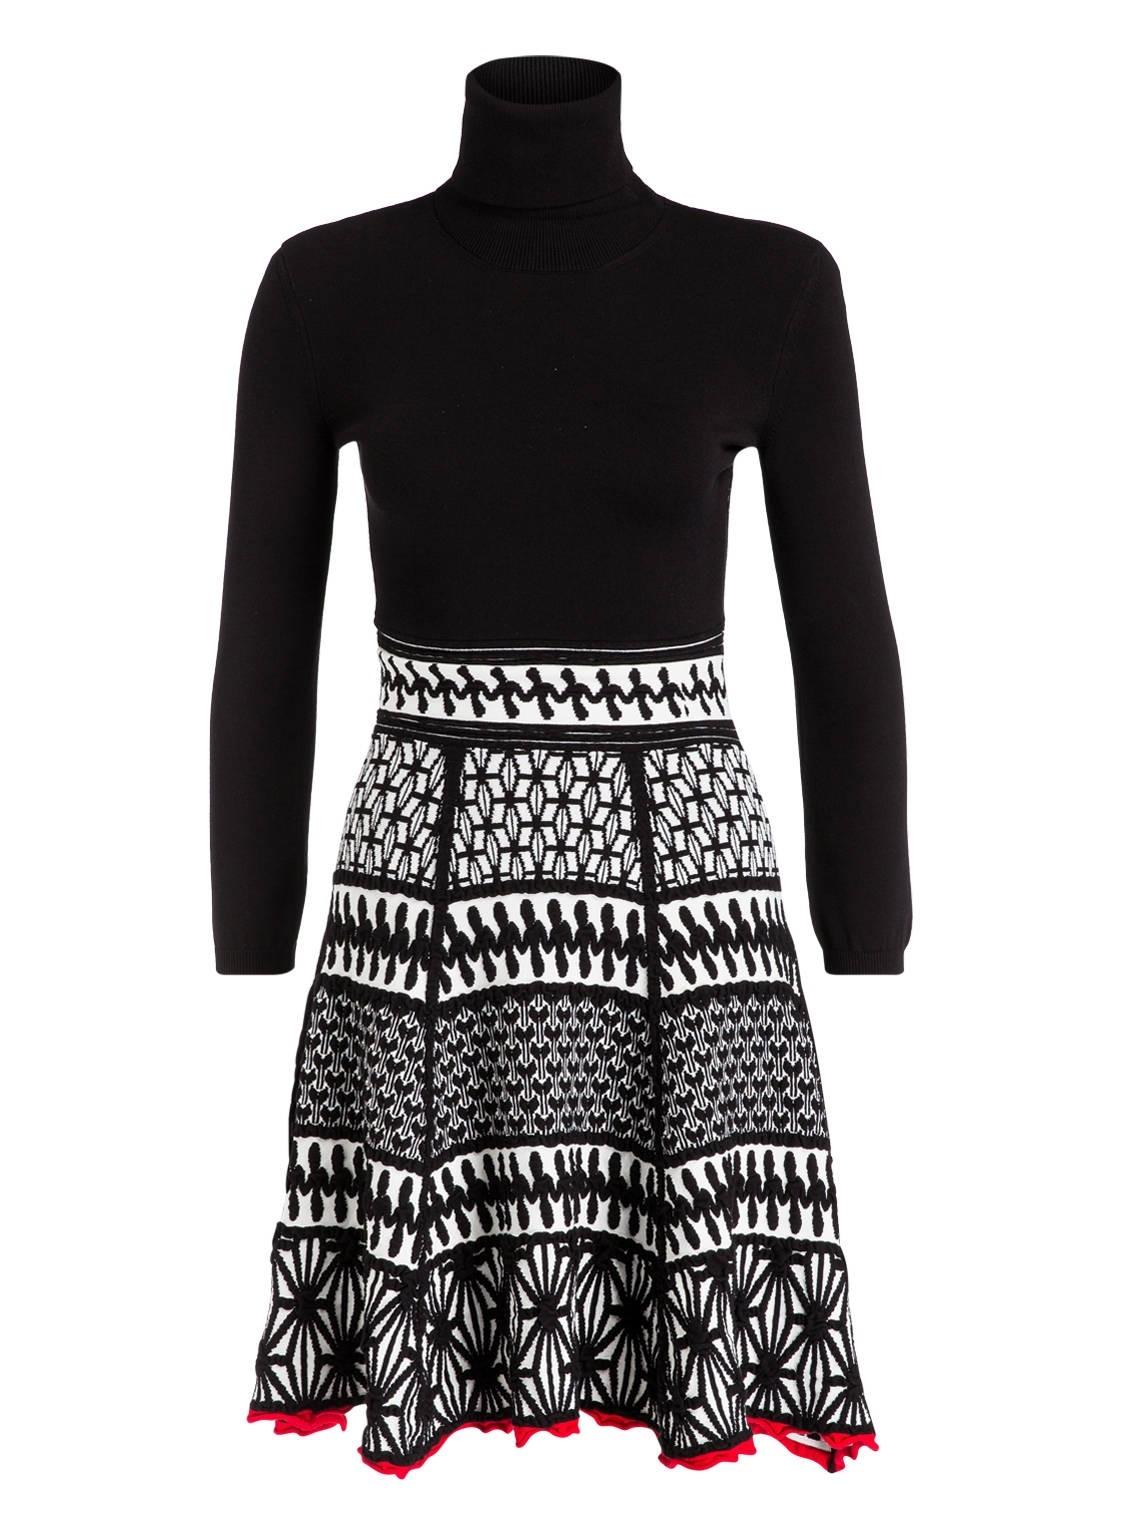 10 Luxus Damen Kleider Online Shop Ärmel Schön Damen Kleider Online Shop für 2019